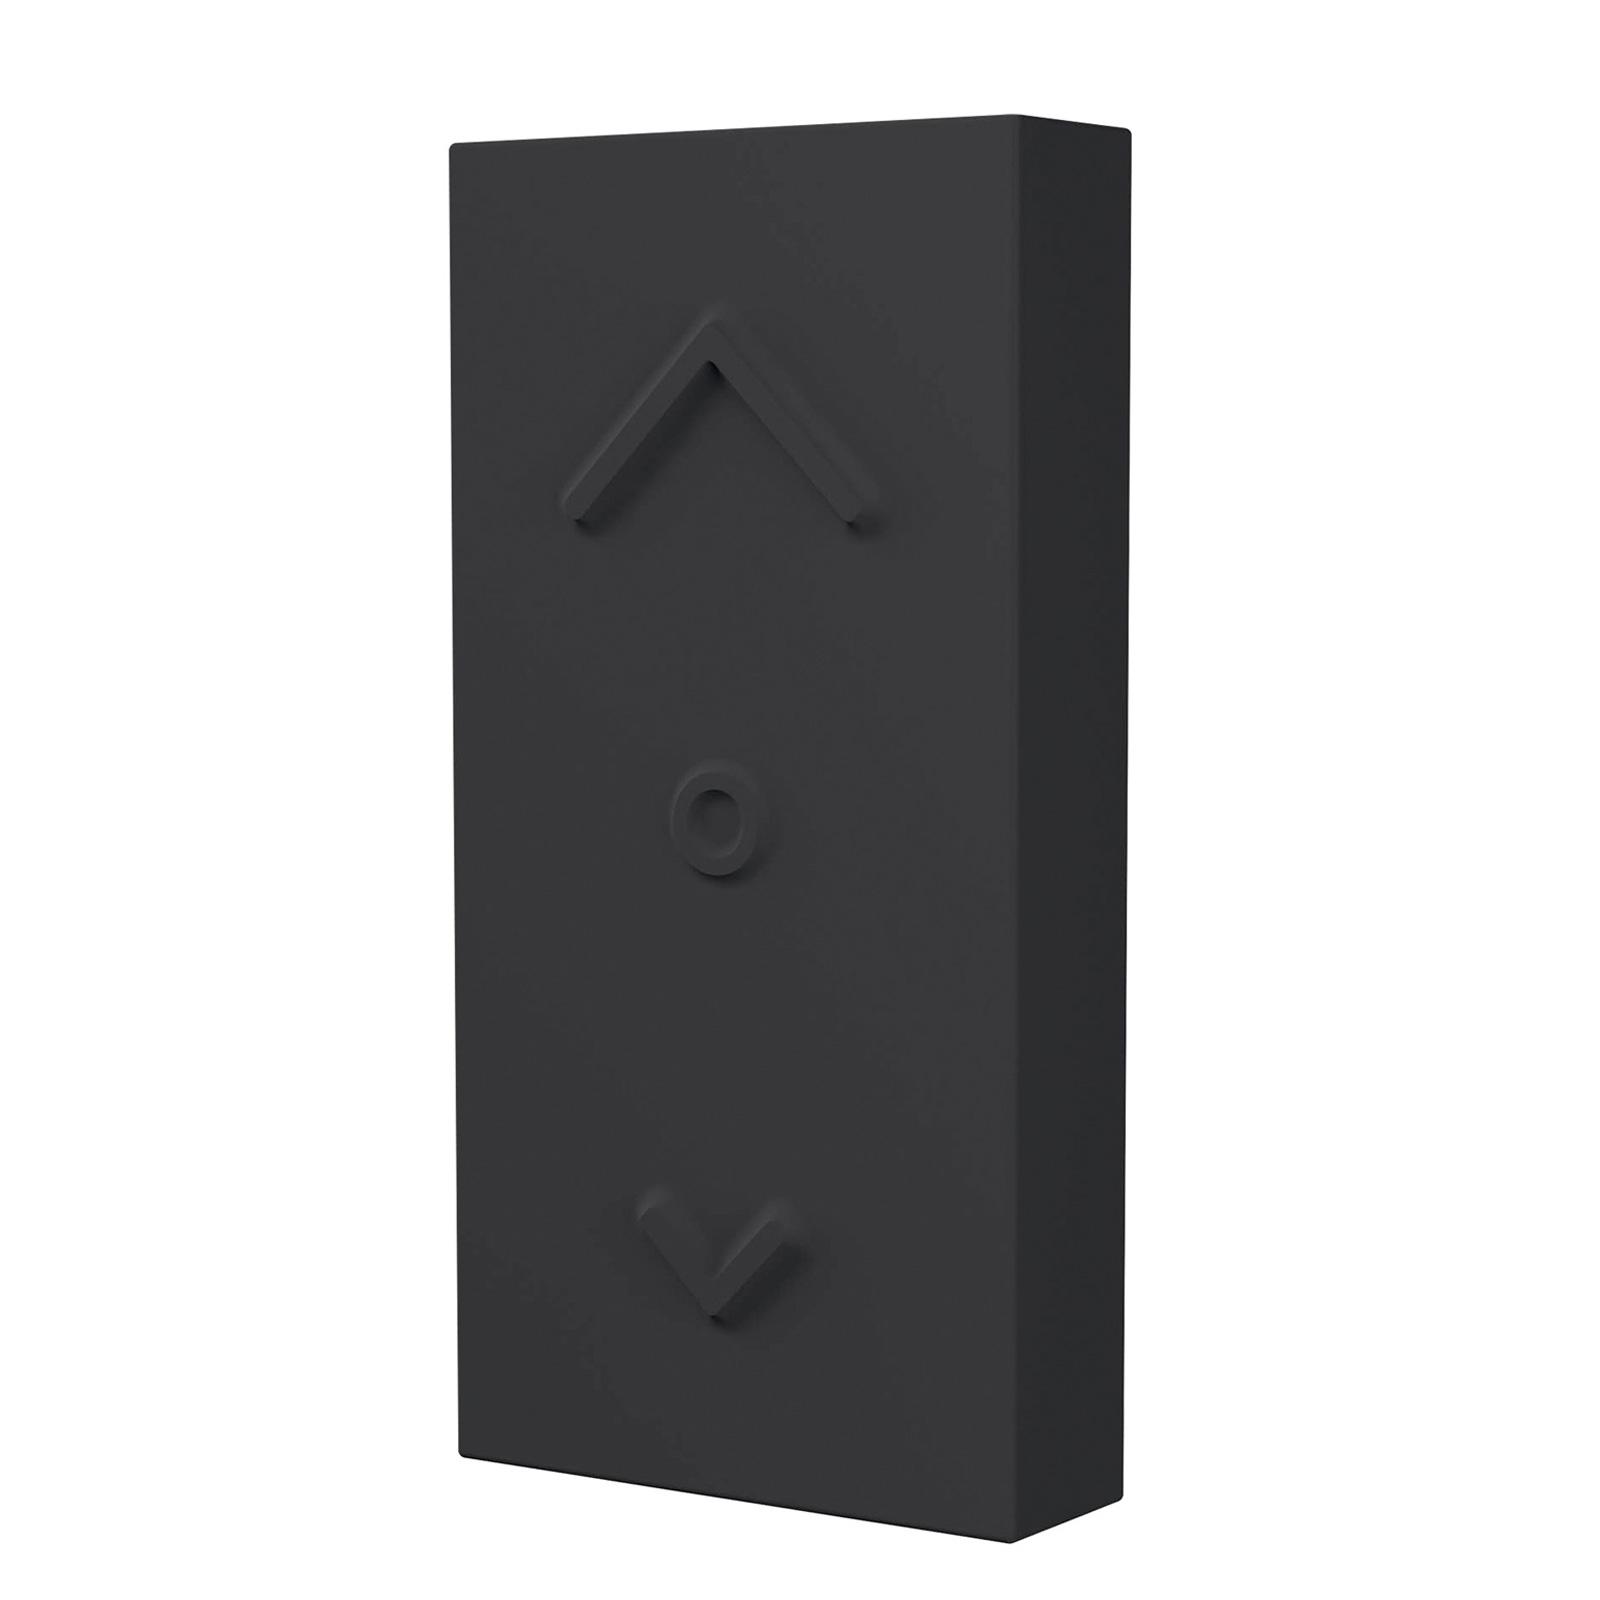 LEDVANCE SMART+ ZigBee Switch Mini musta